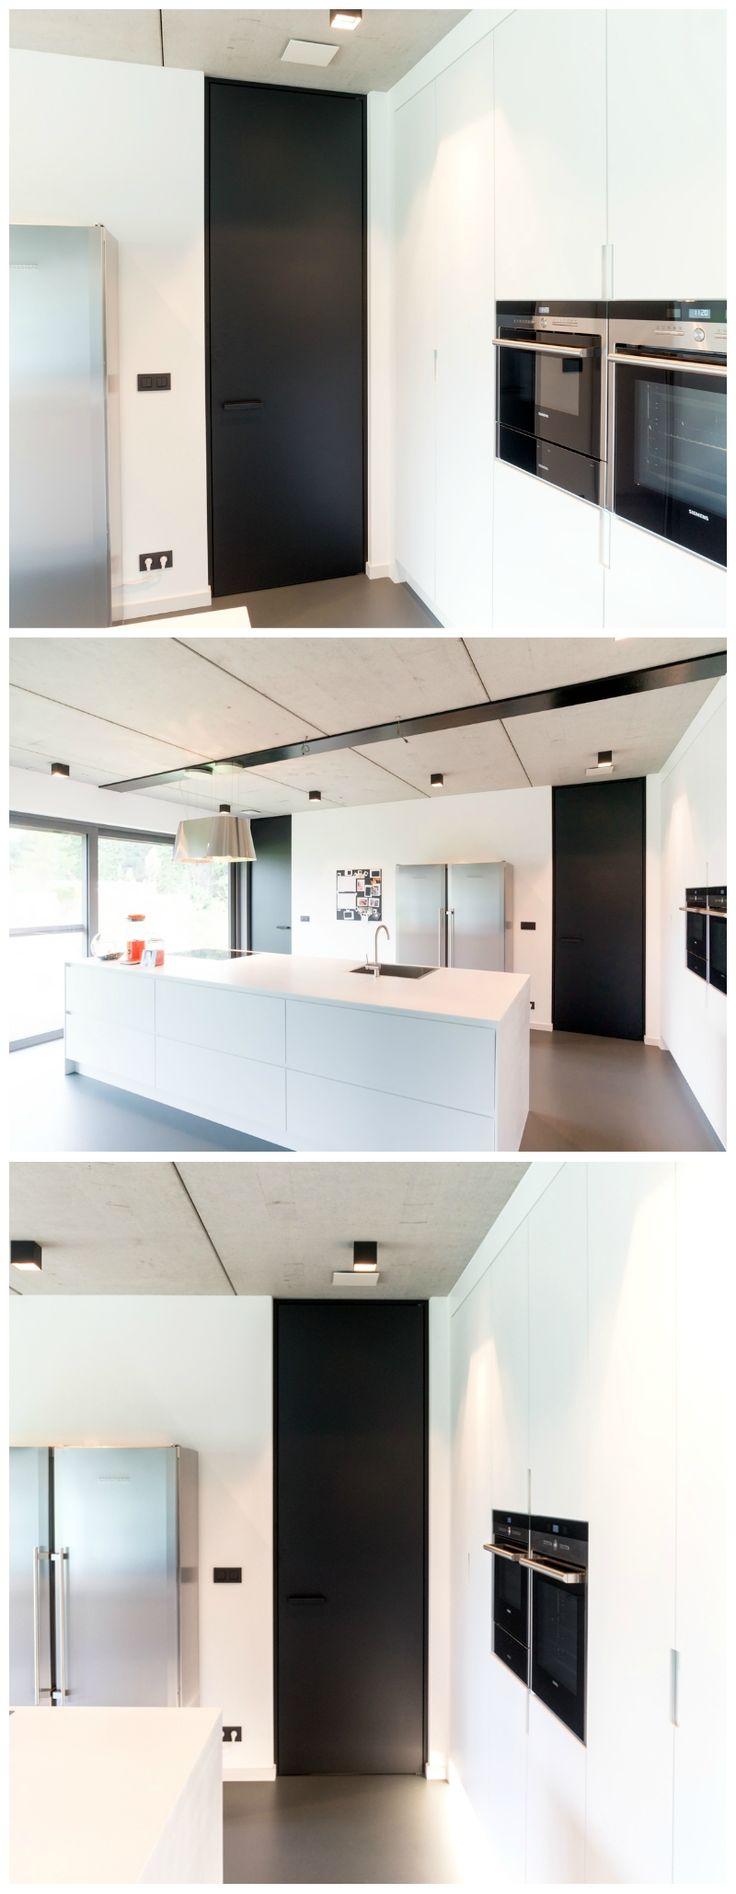 Zwarte deuren op maat van Anyway Doors. De binnendeuren zijn van vloer tot plafond uitgevoerd met een minimalistische blokomlijsting. De unieke sluiting van Anyway laat toe de deur in 1 of beide richtingen te openen. De onzichtbare scharnieren zijn van links naar rechts te verplaatsen om een optimale flexibiliteit te garanderen.